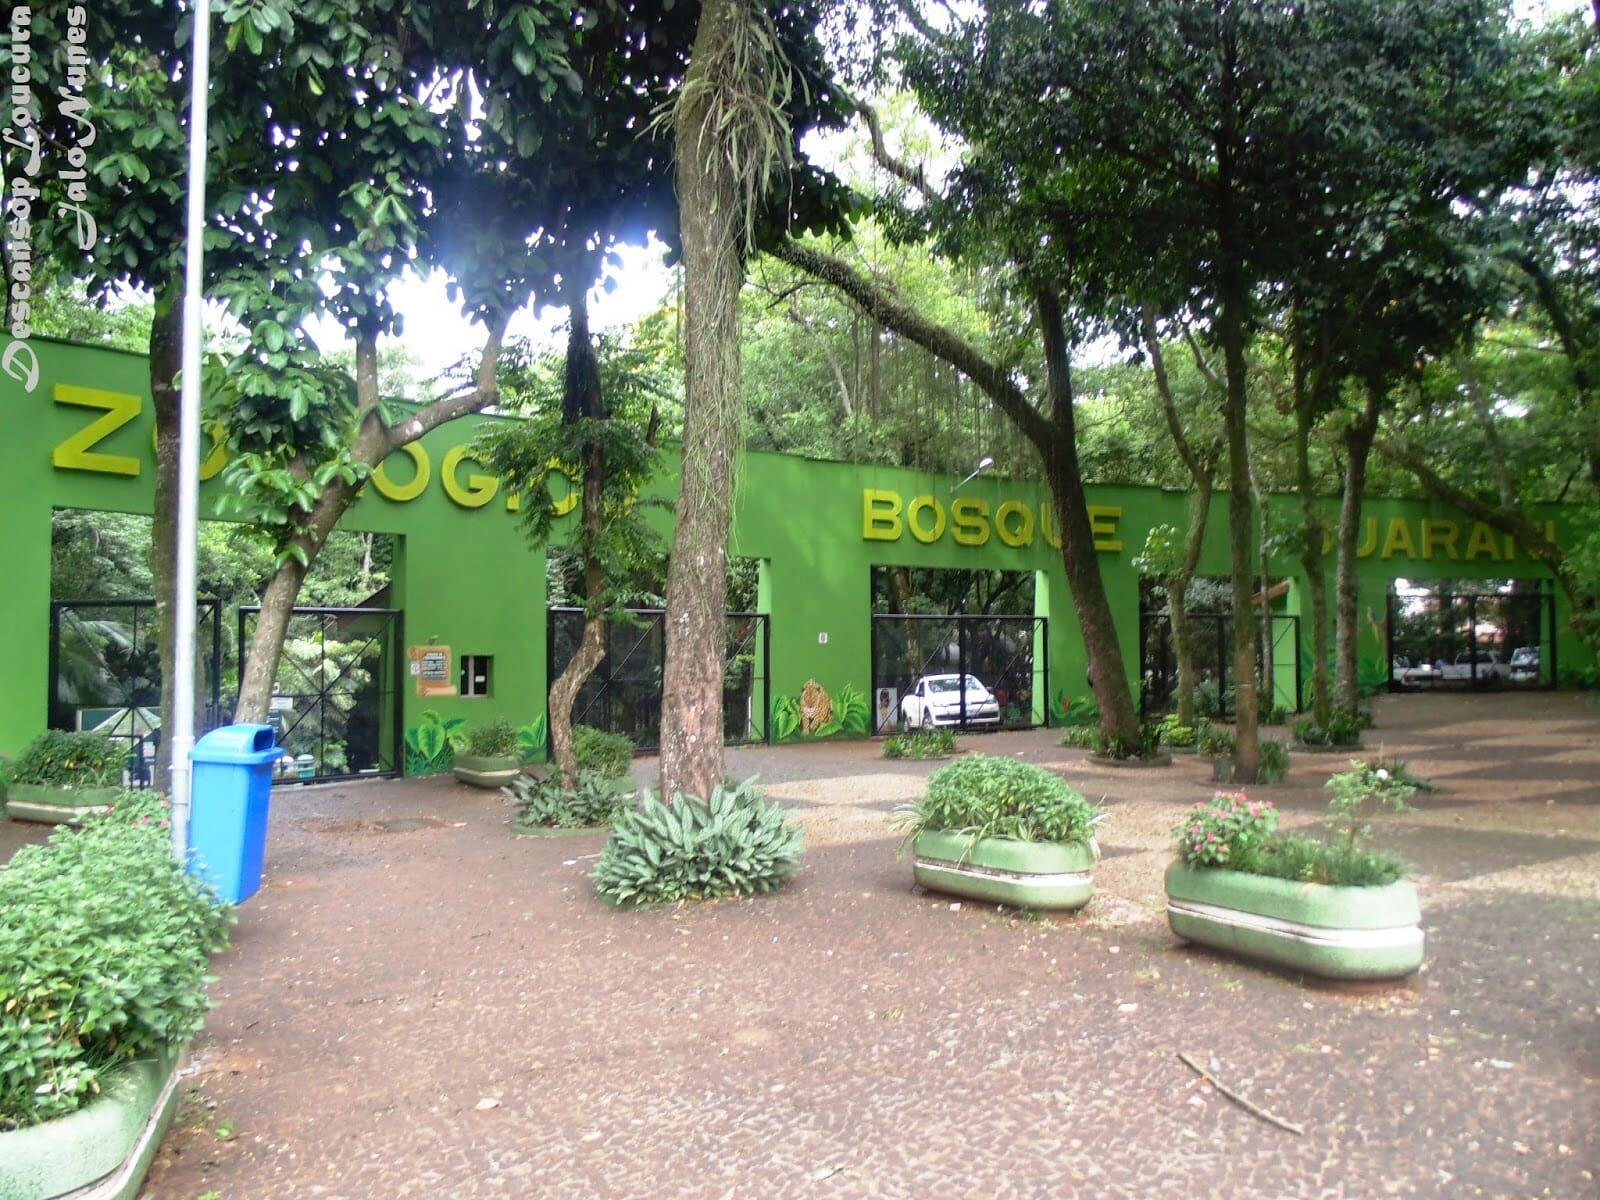 Saiba o que fazer no centro de Foz do Iguaçu com essas dicas bosque guarani